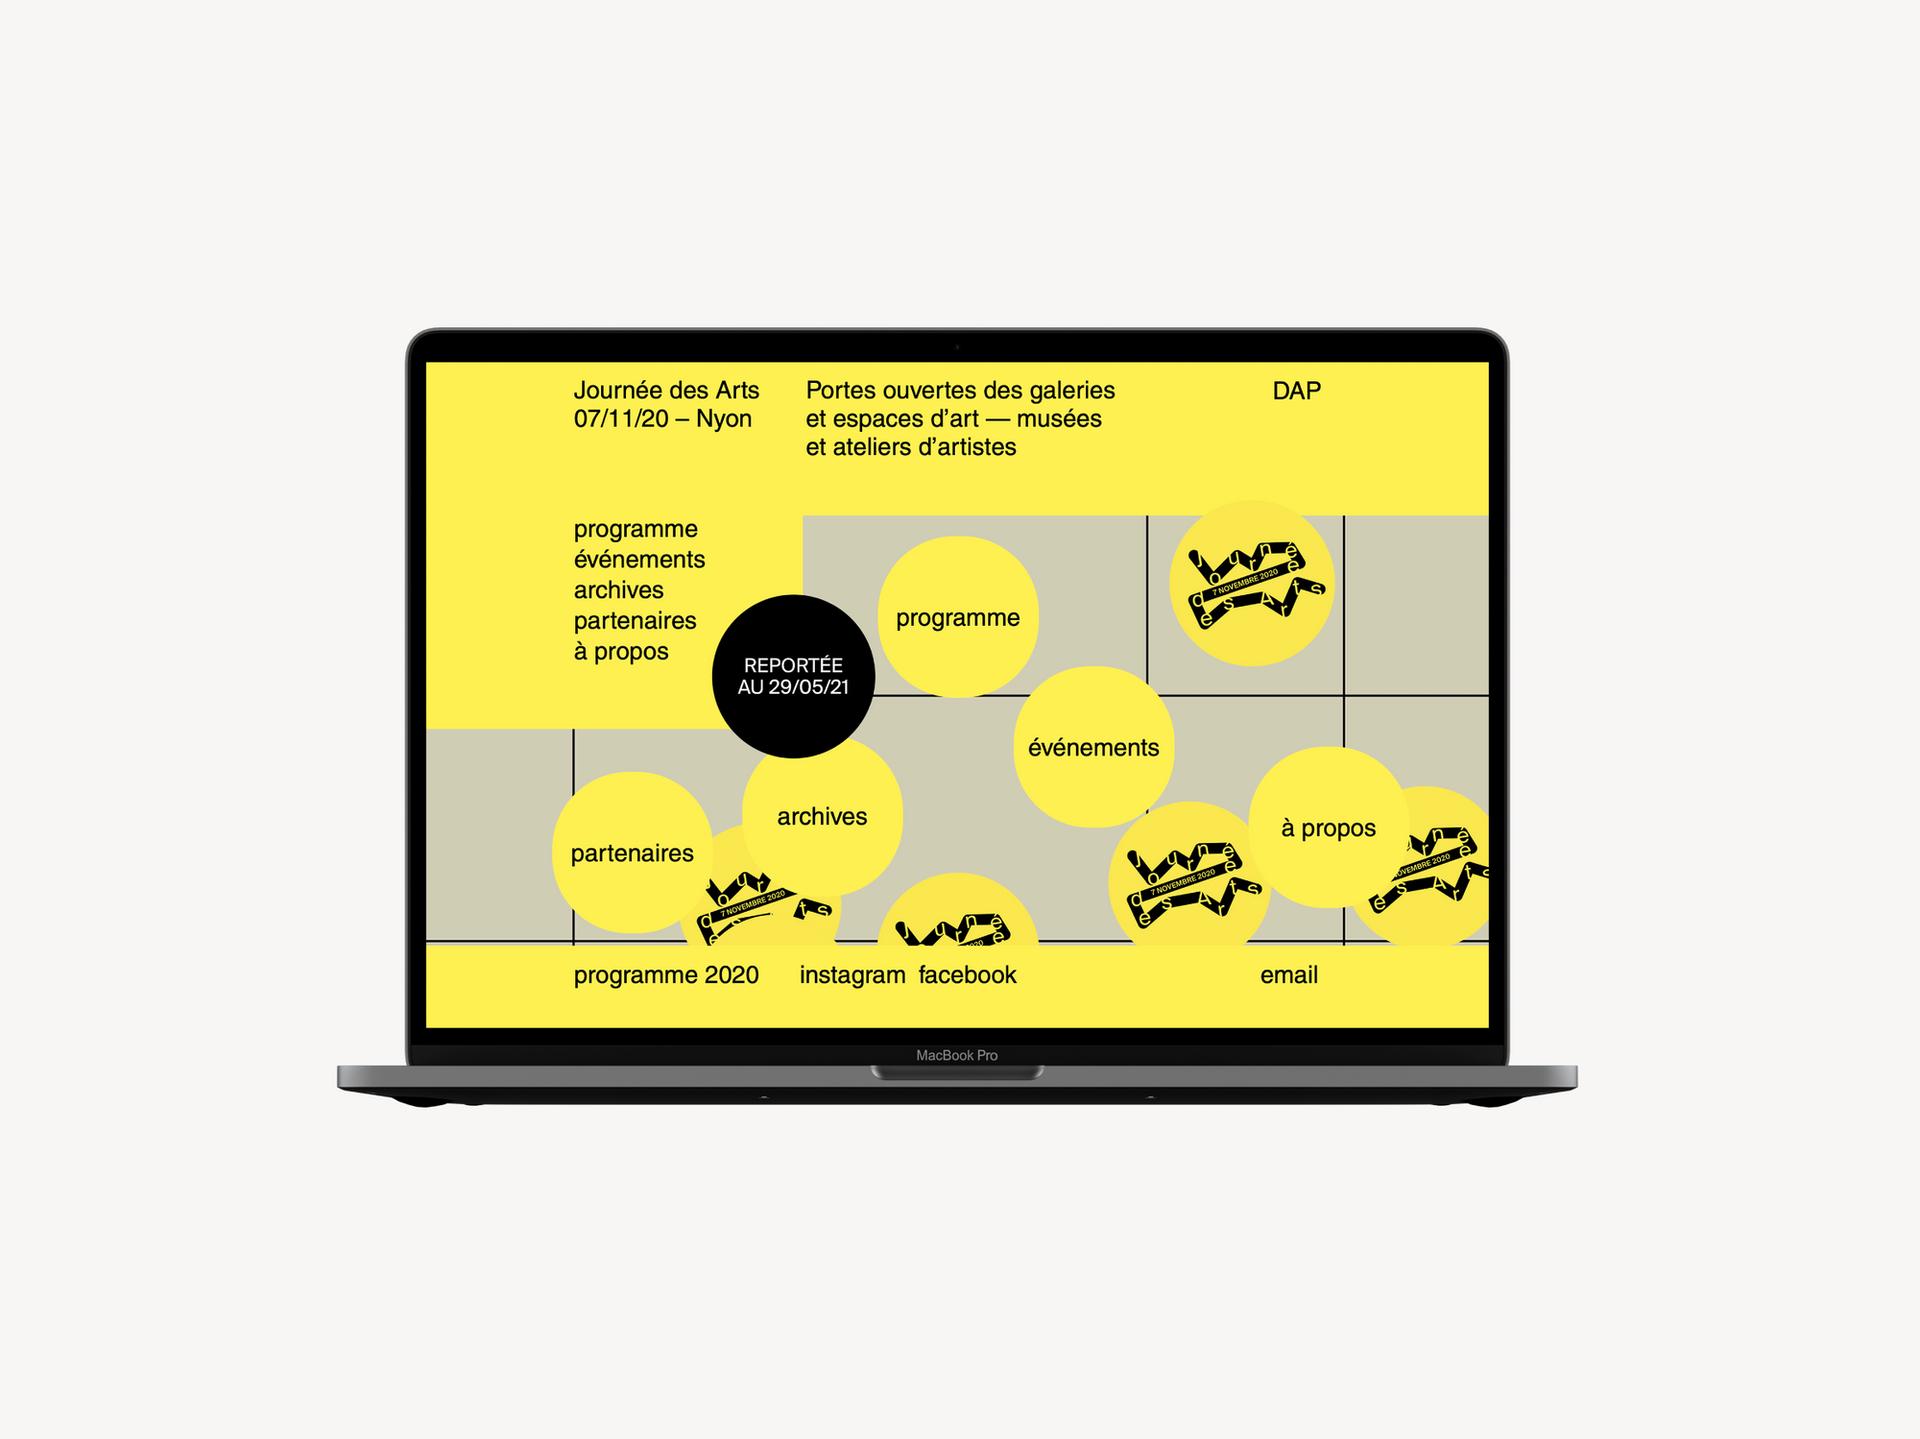 La Journée des Arts, 2020 Visual identity system and web design